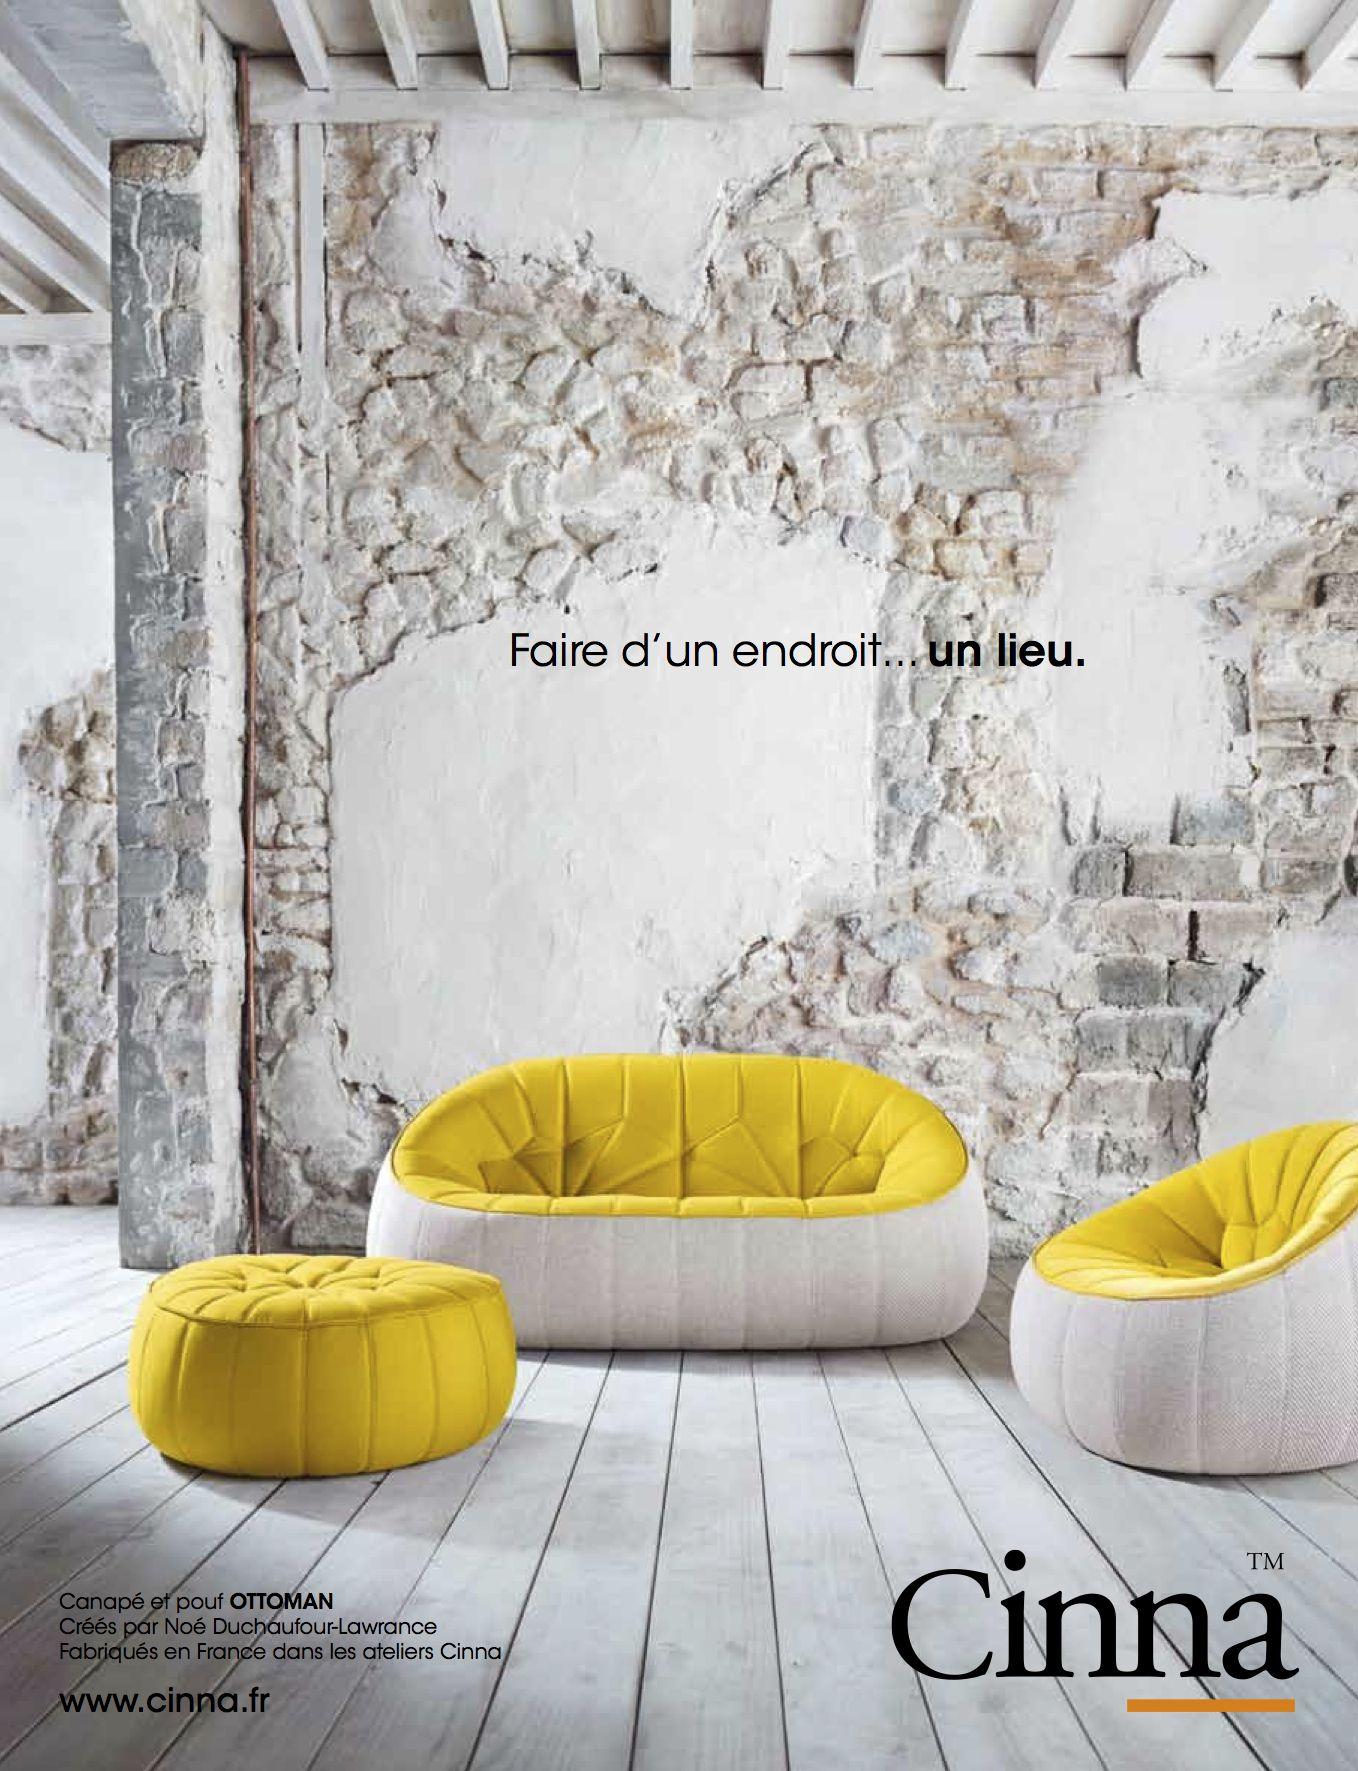 Publicité Cinna 2014 | ∞ Intérieurs | Pinterest